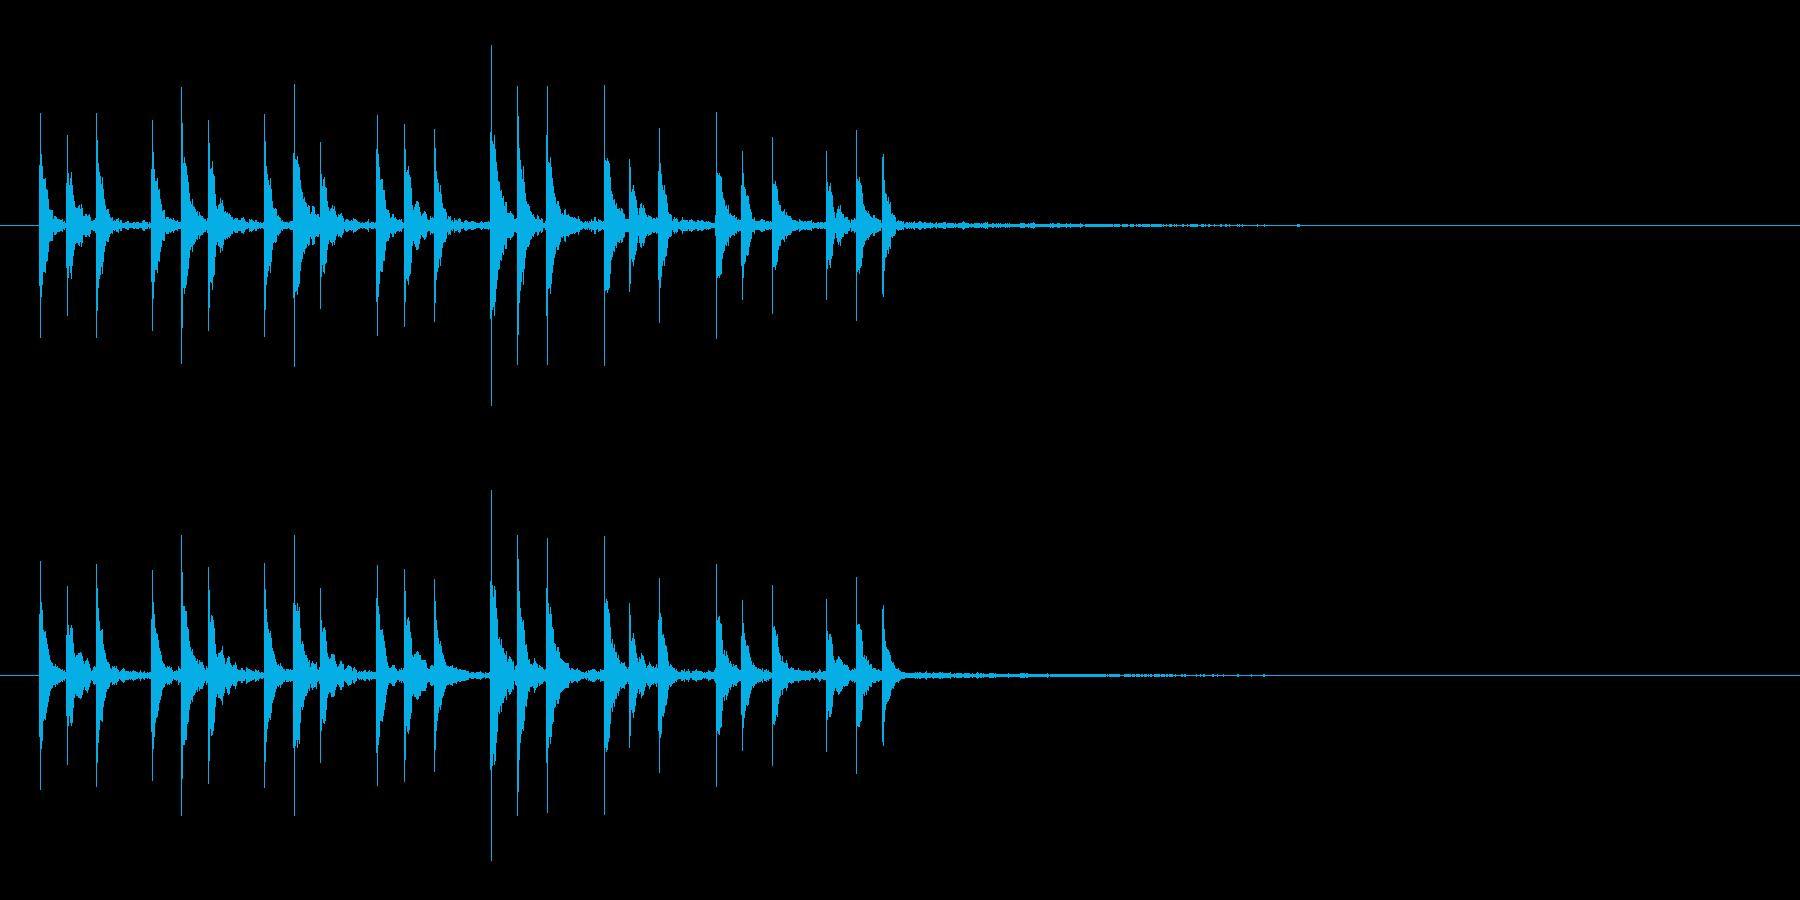 打楽器で作った~ぱからんぱからん~の再生済みの波形